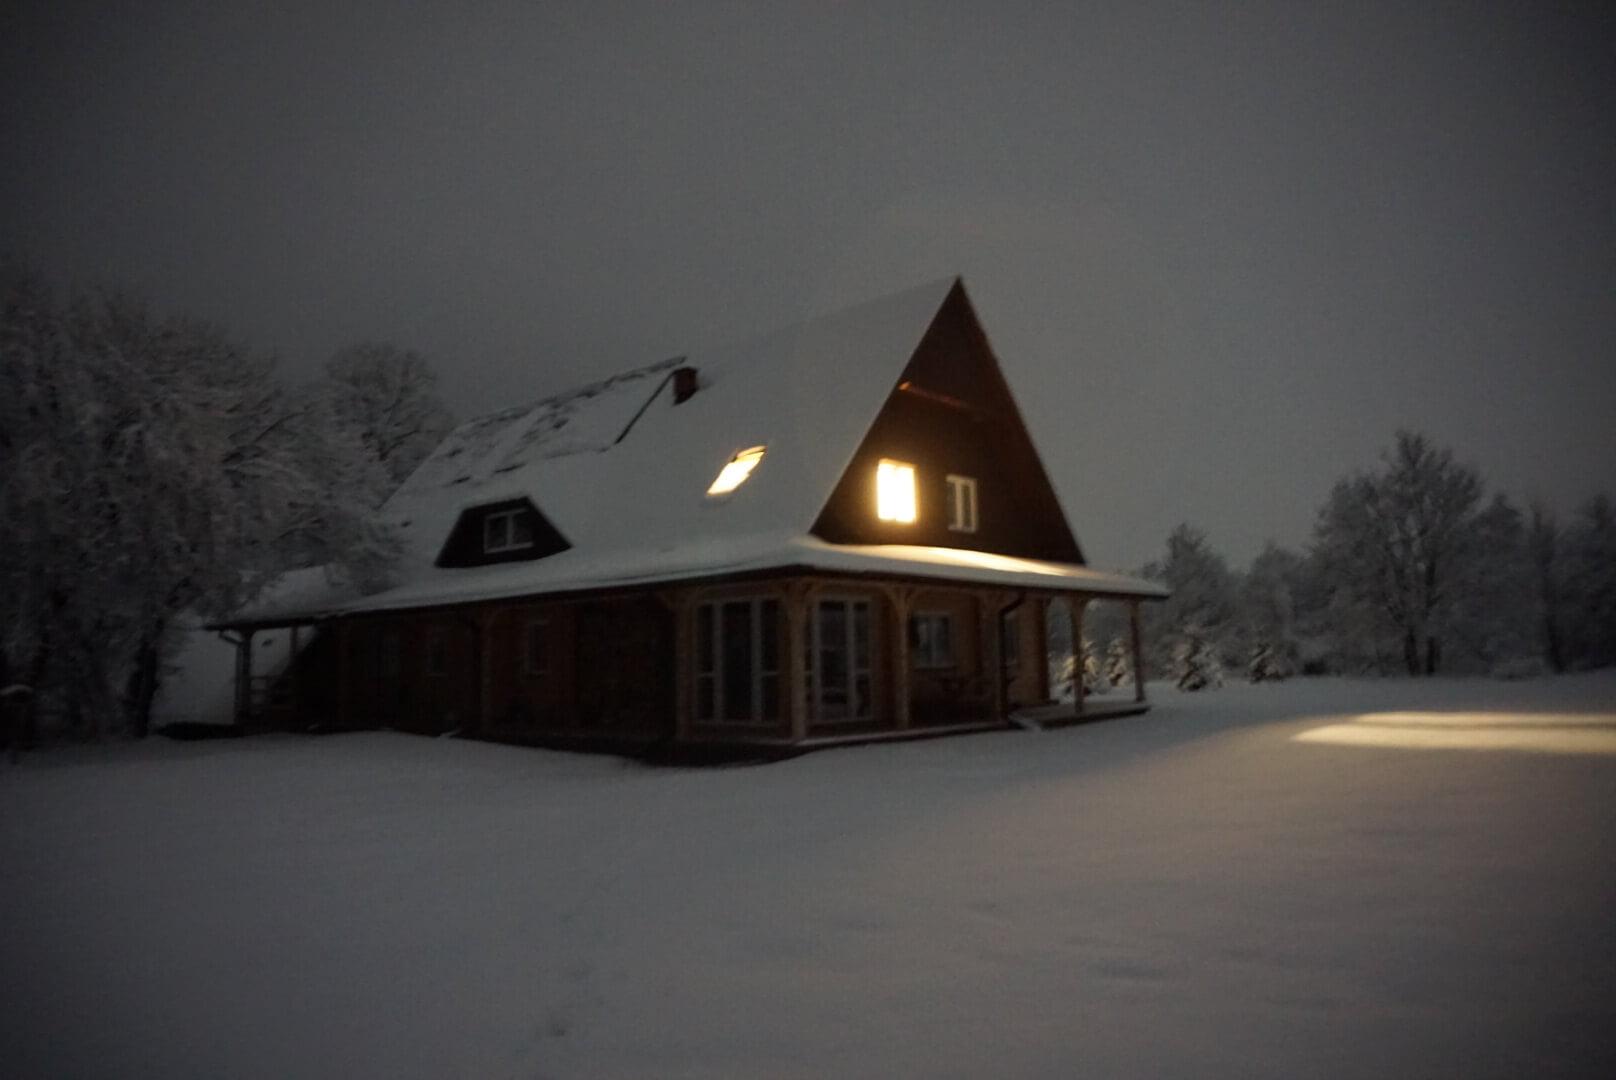 Nocne, zimowe niebo w fotografii Adama